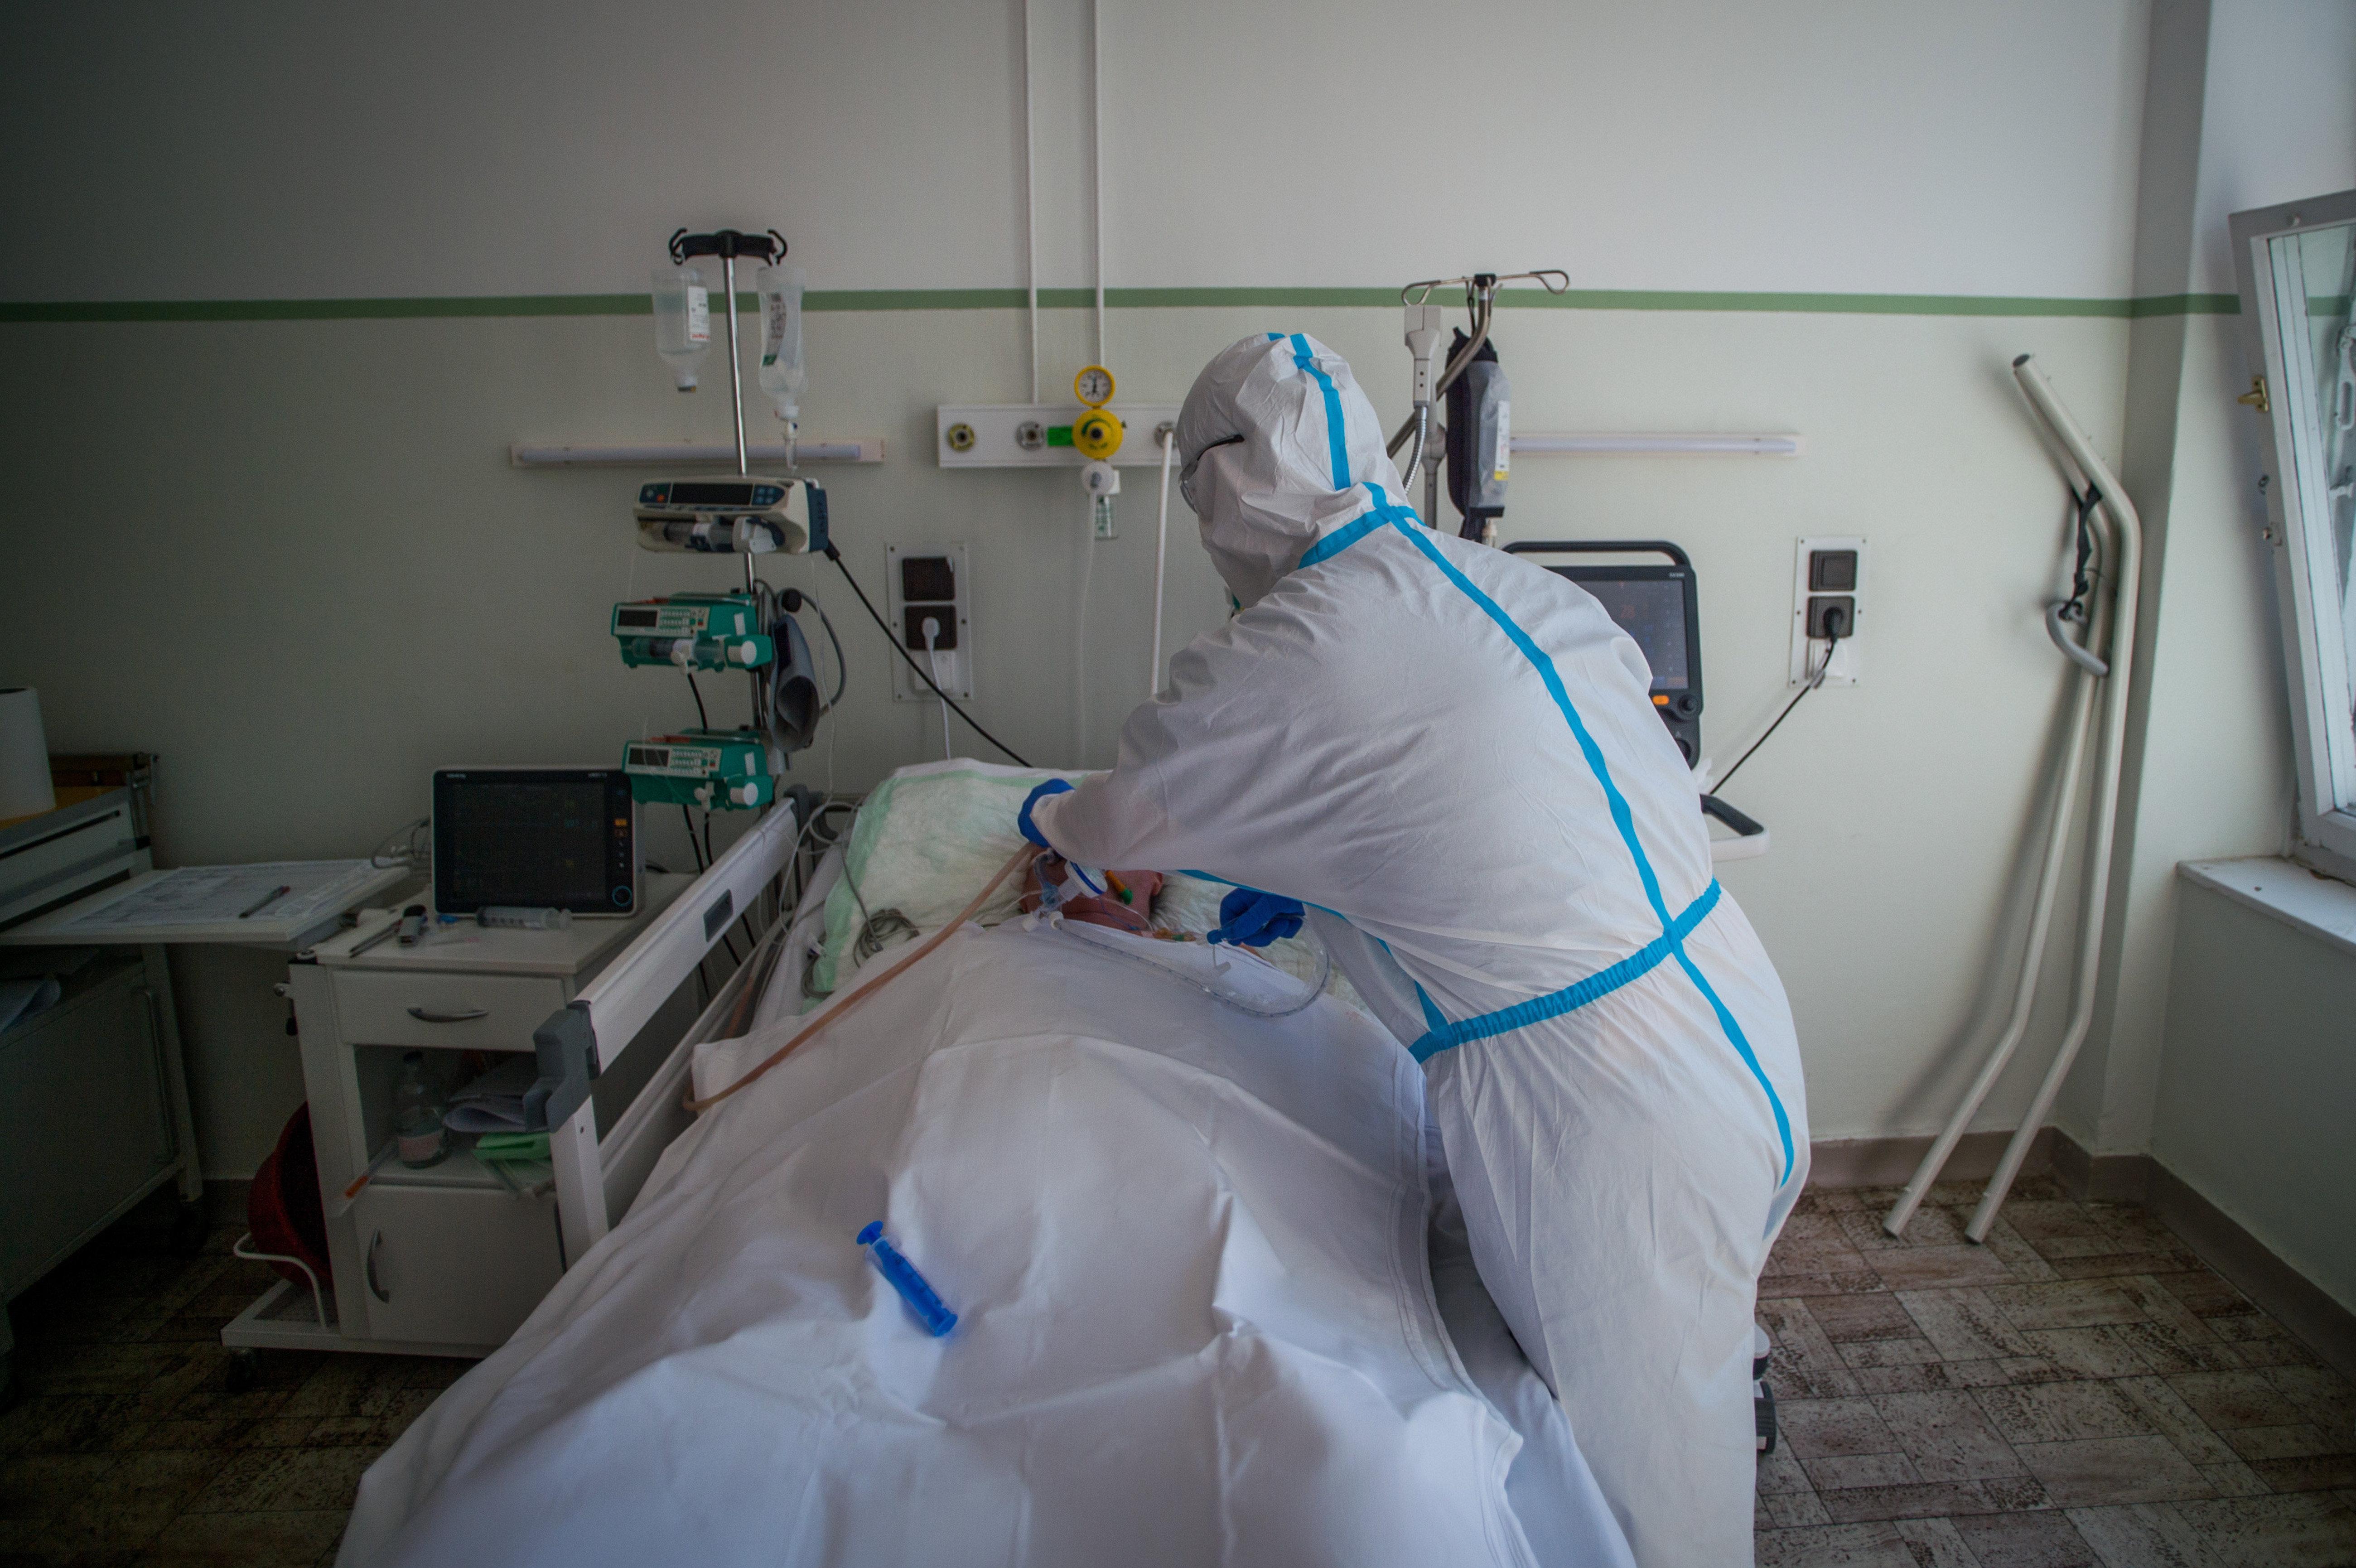 Eddig 340 ember halt bele a koronavírus-járványba Magyarországon